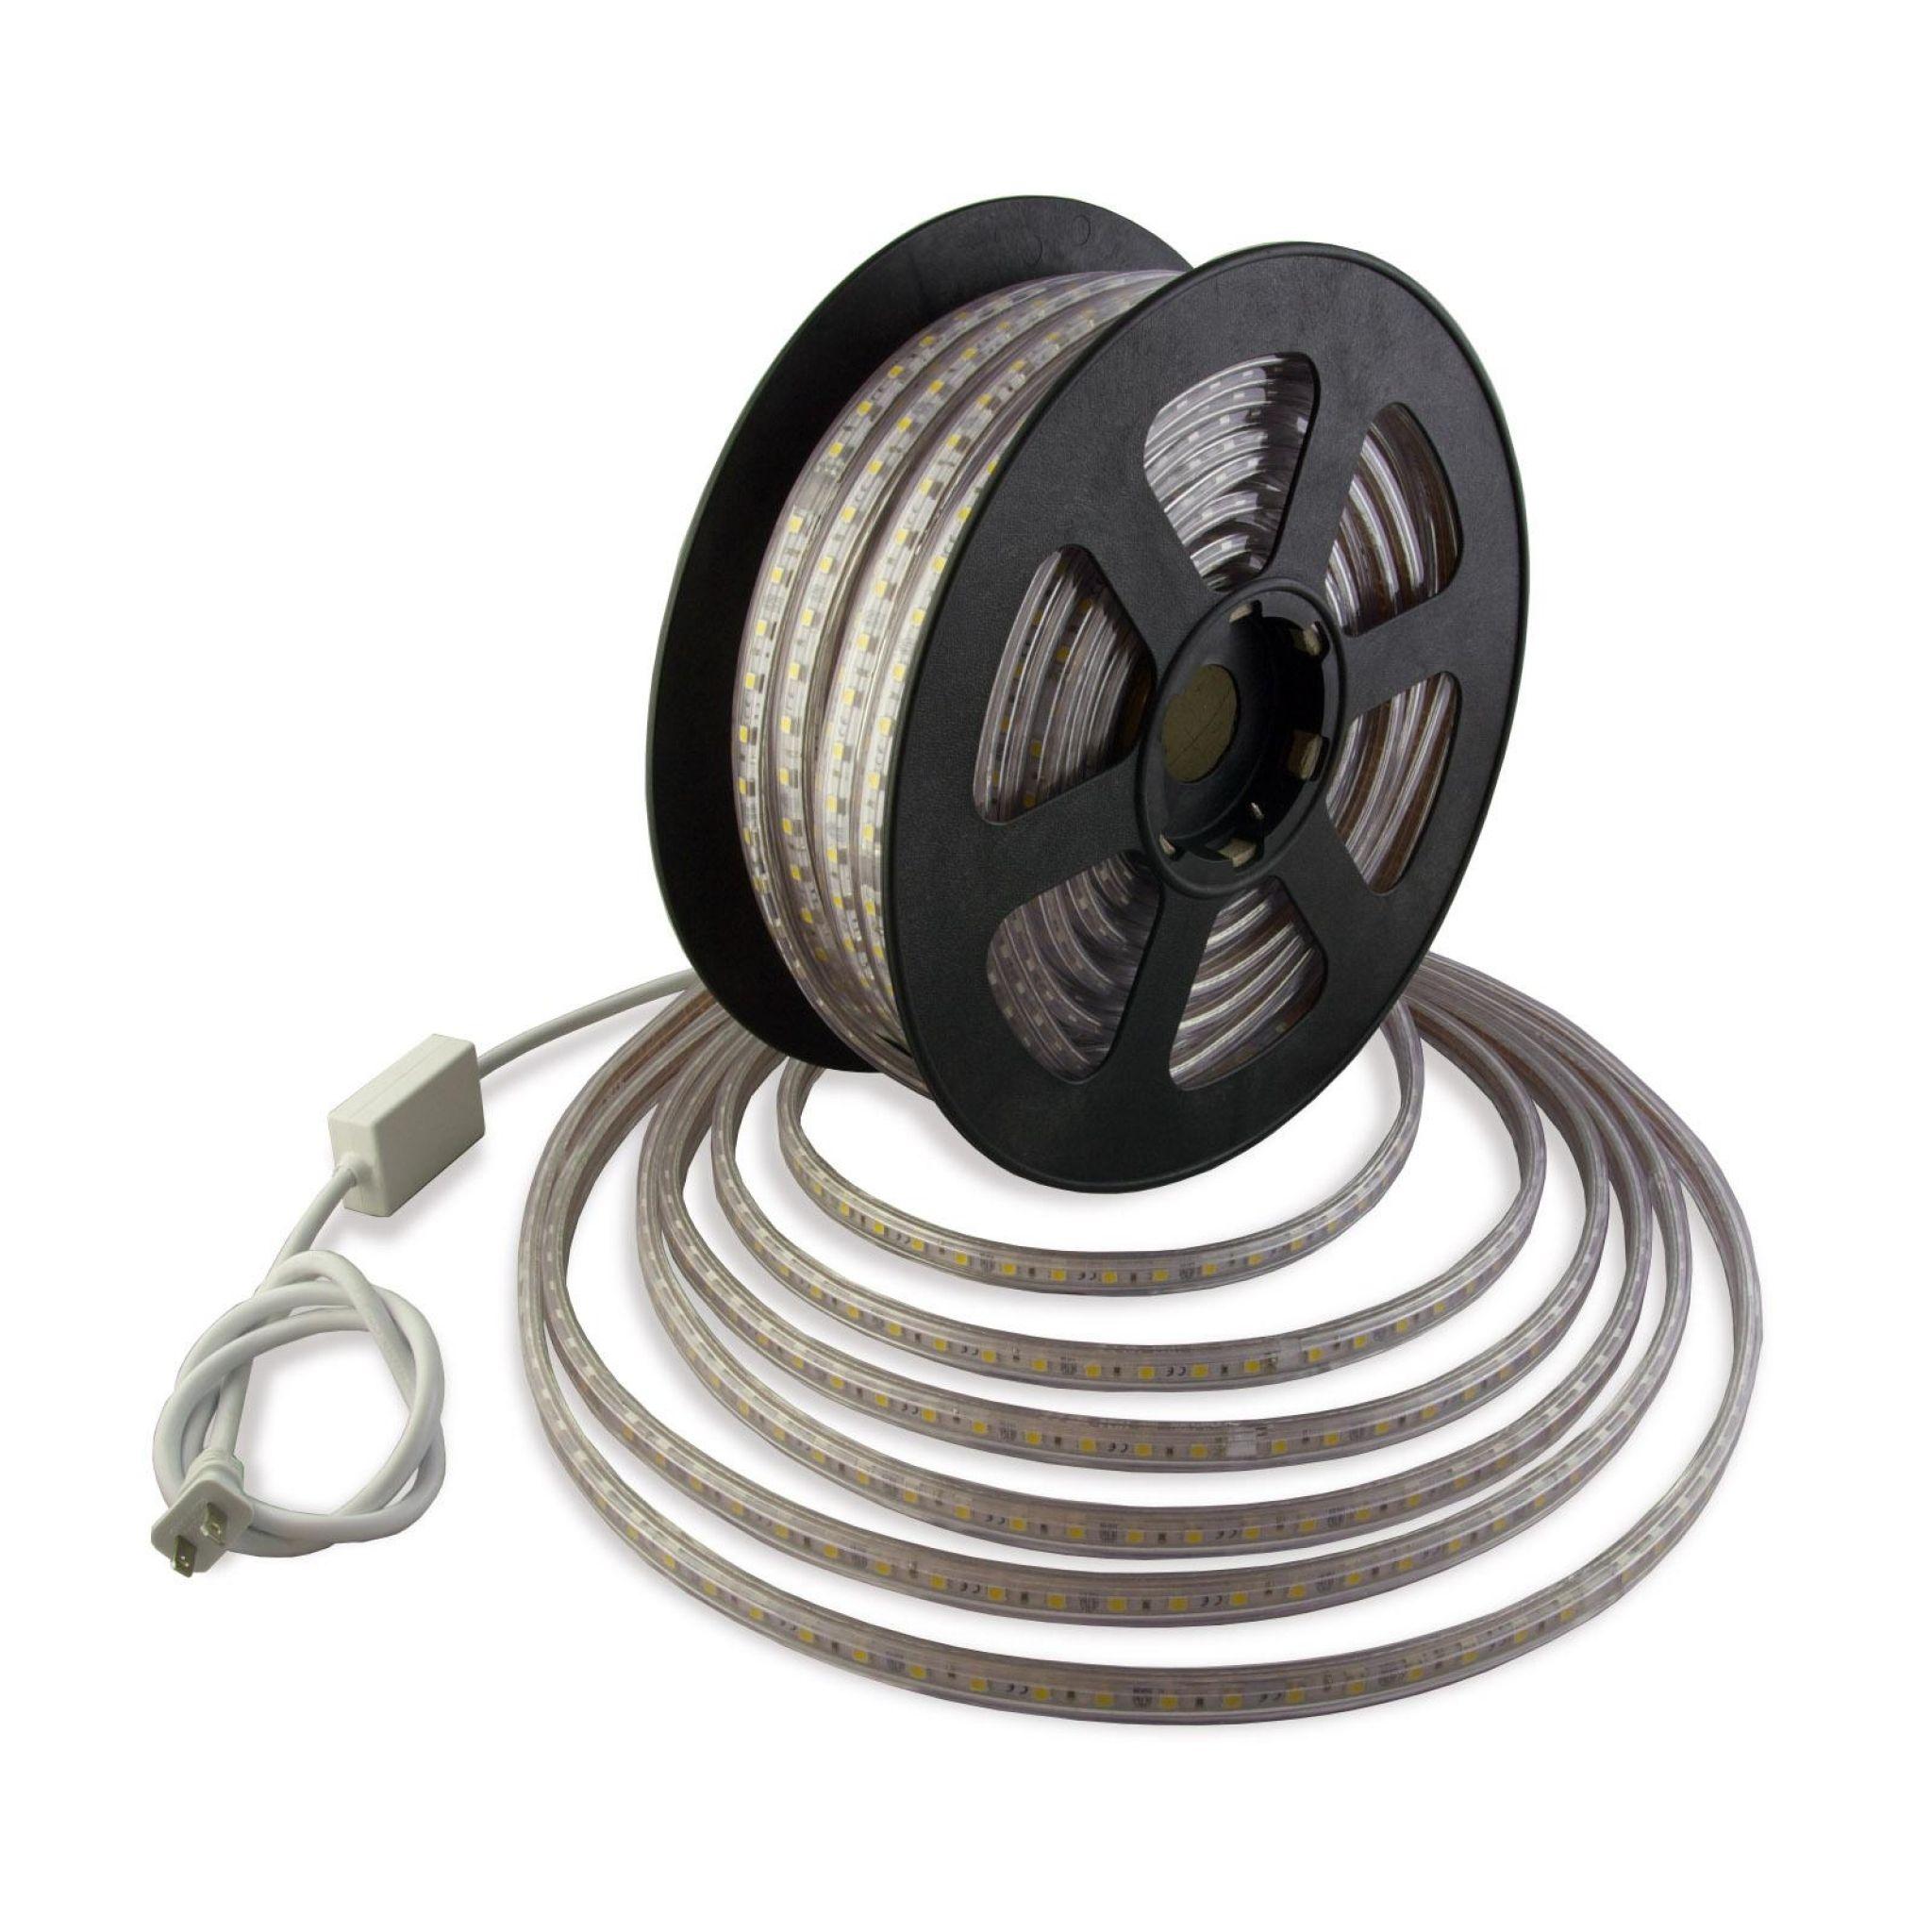 Wwwfamilyhandymancom Electrical Wiring Wiringswitchesandoutlets